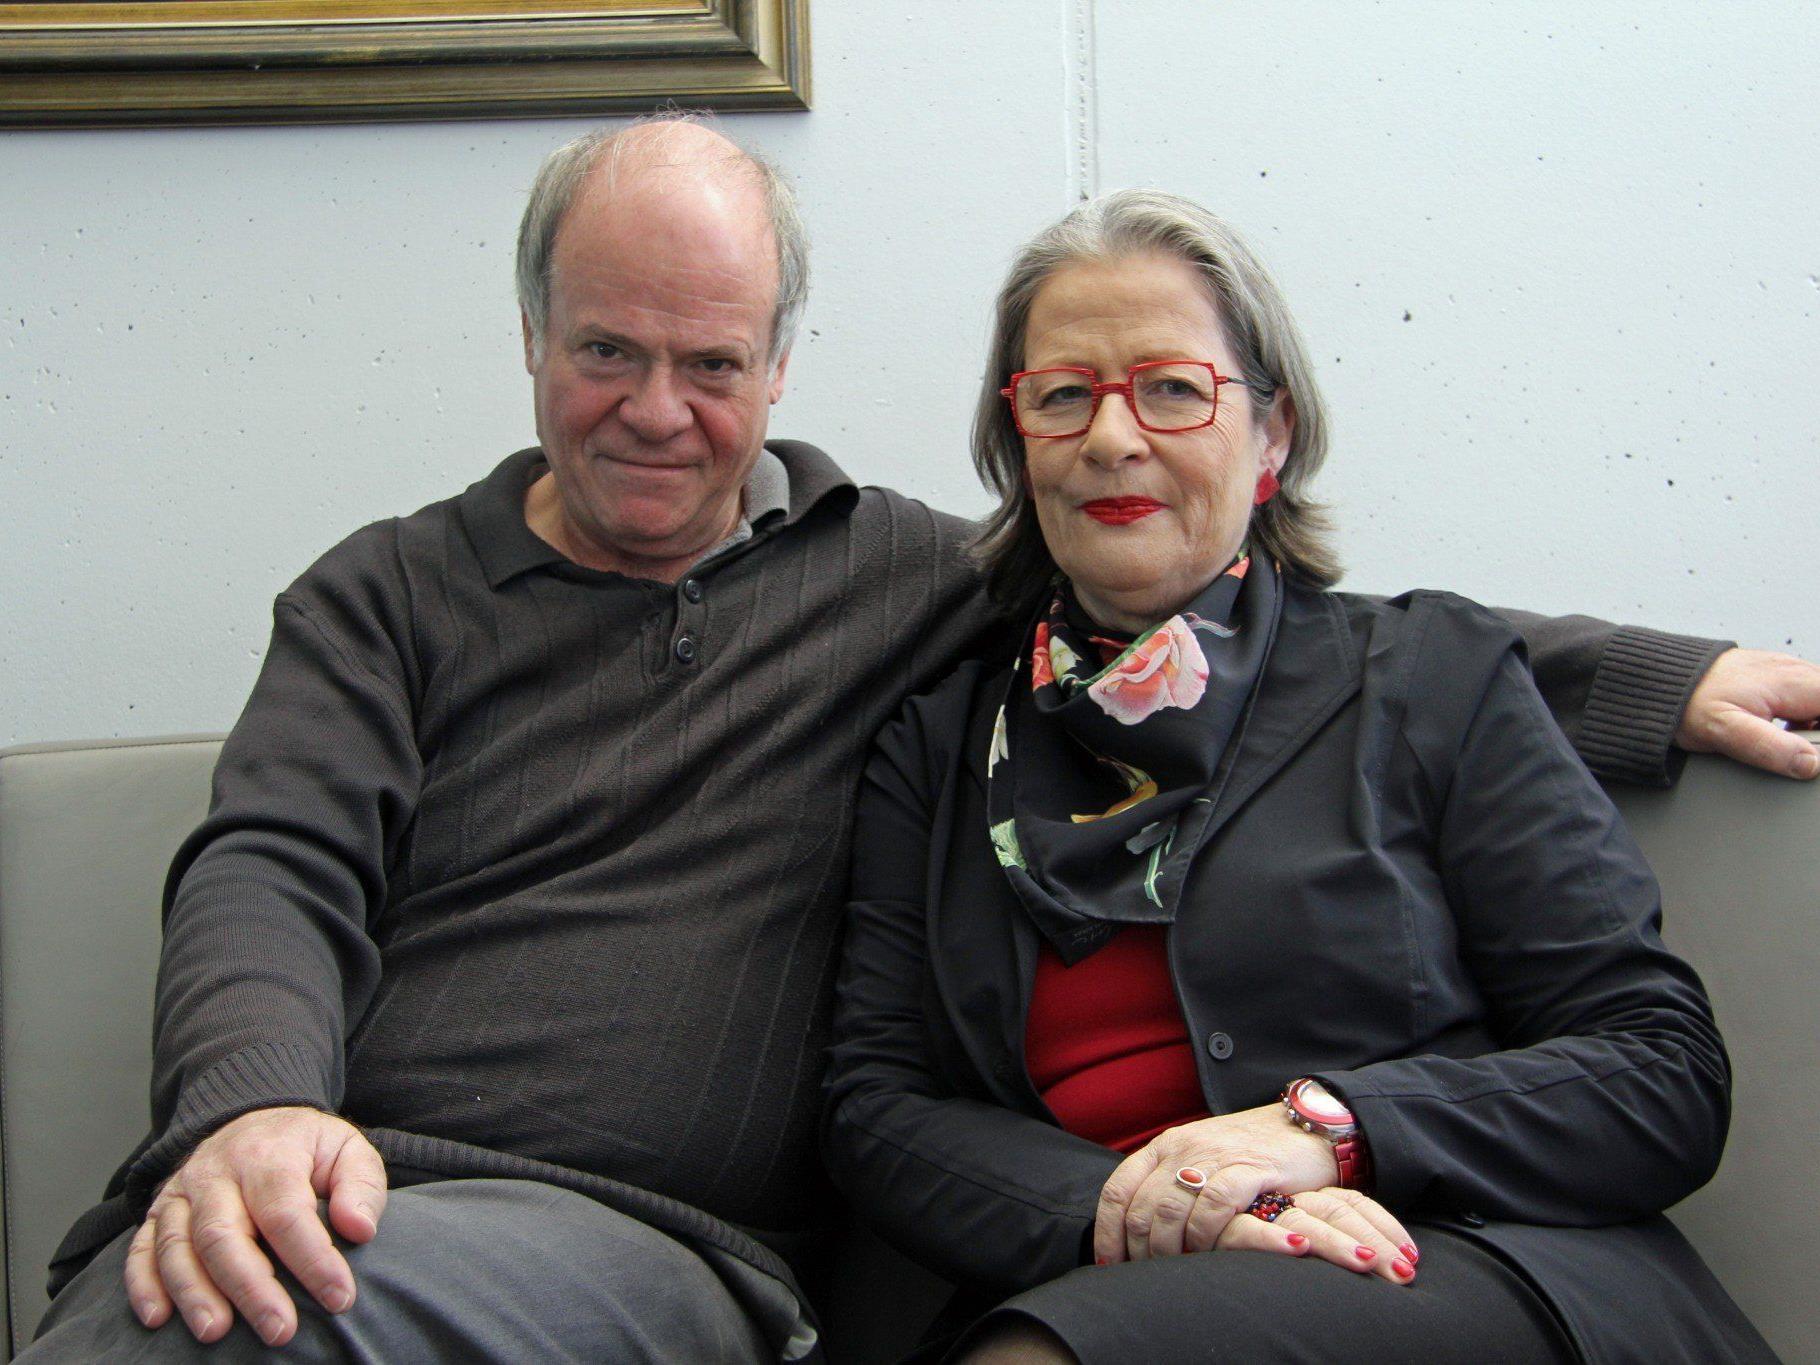 Susanne Scholl und Michael Genner sind heute Abend zu Gast im Theater Kosmus.